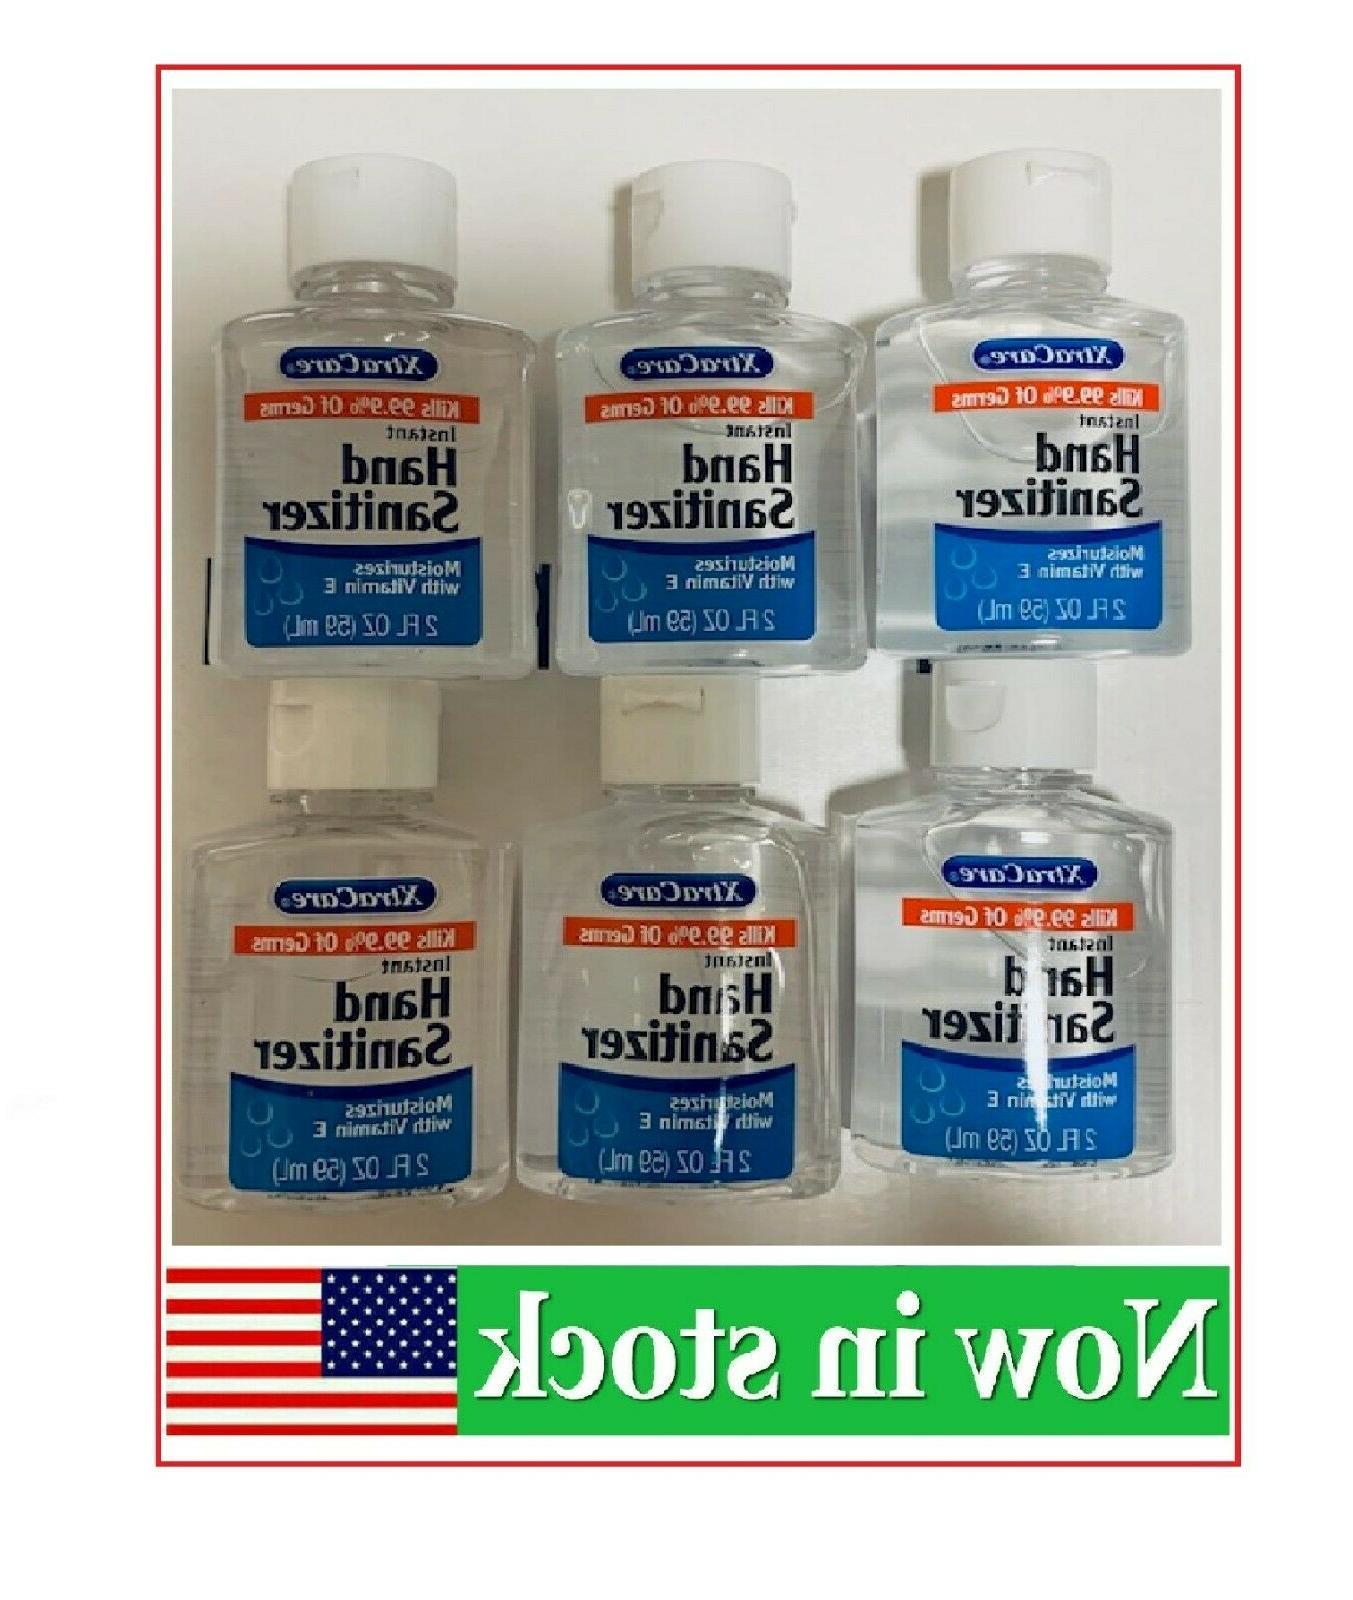 hand sanitizer 6 pack of 2oz bottles